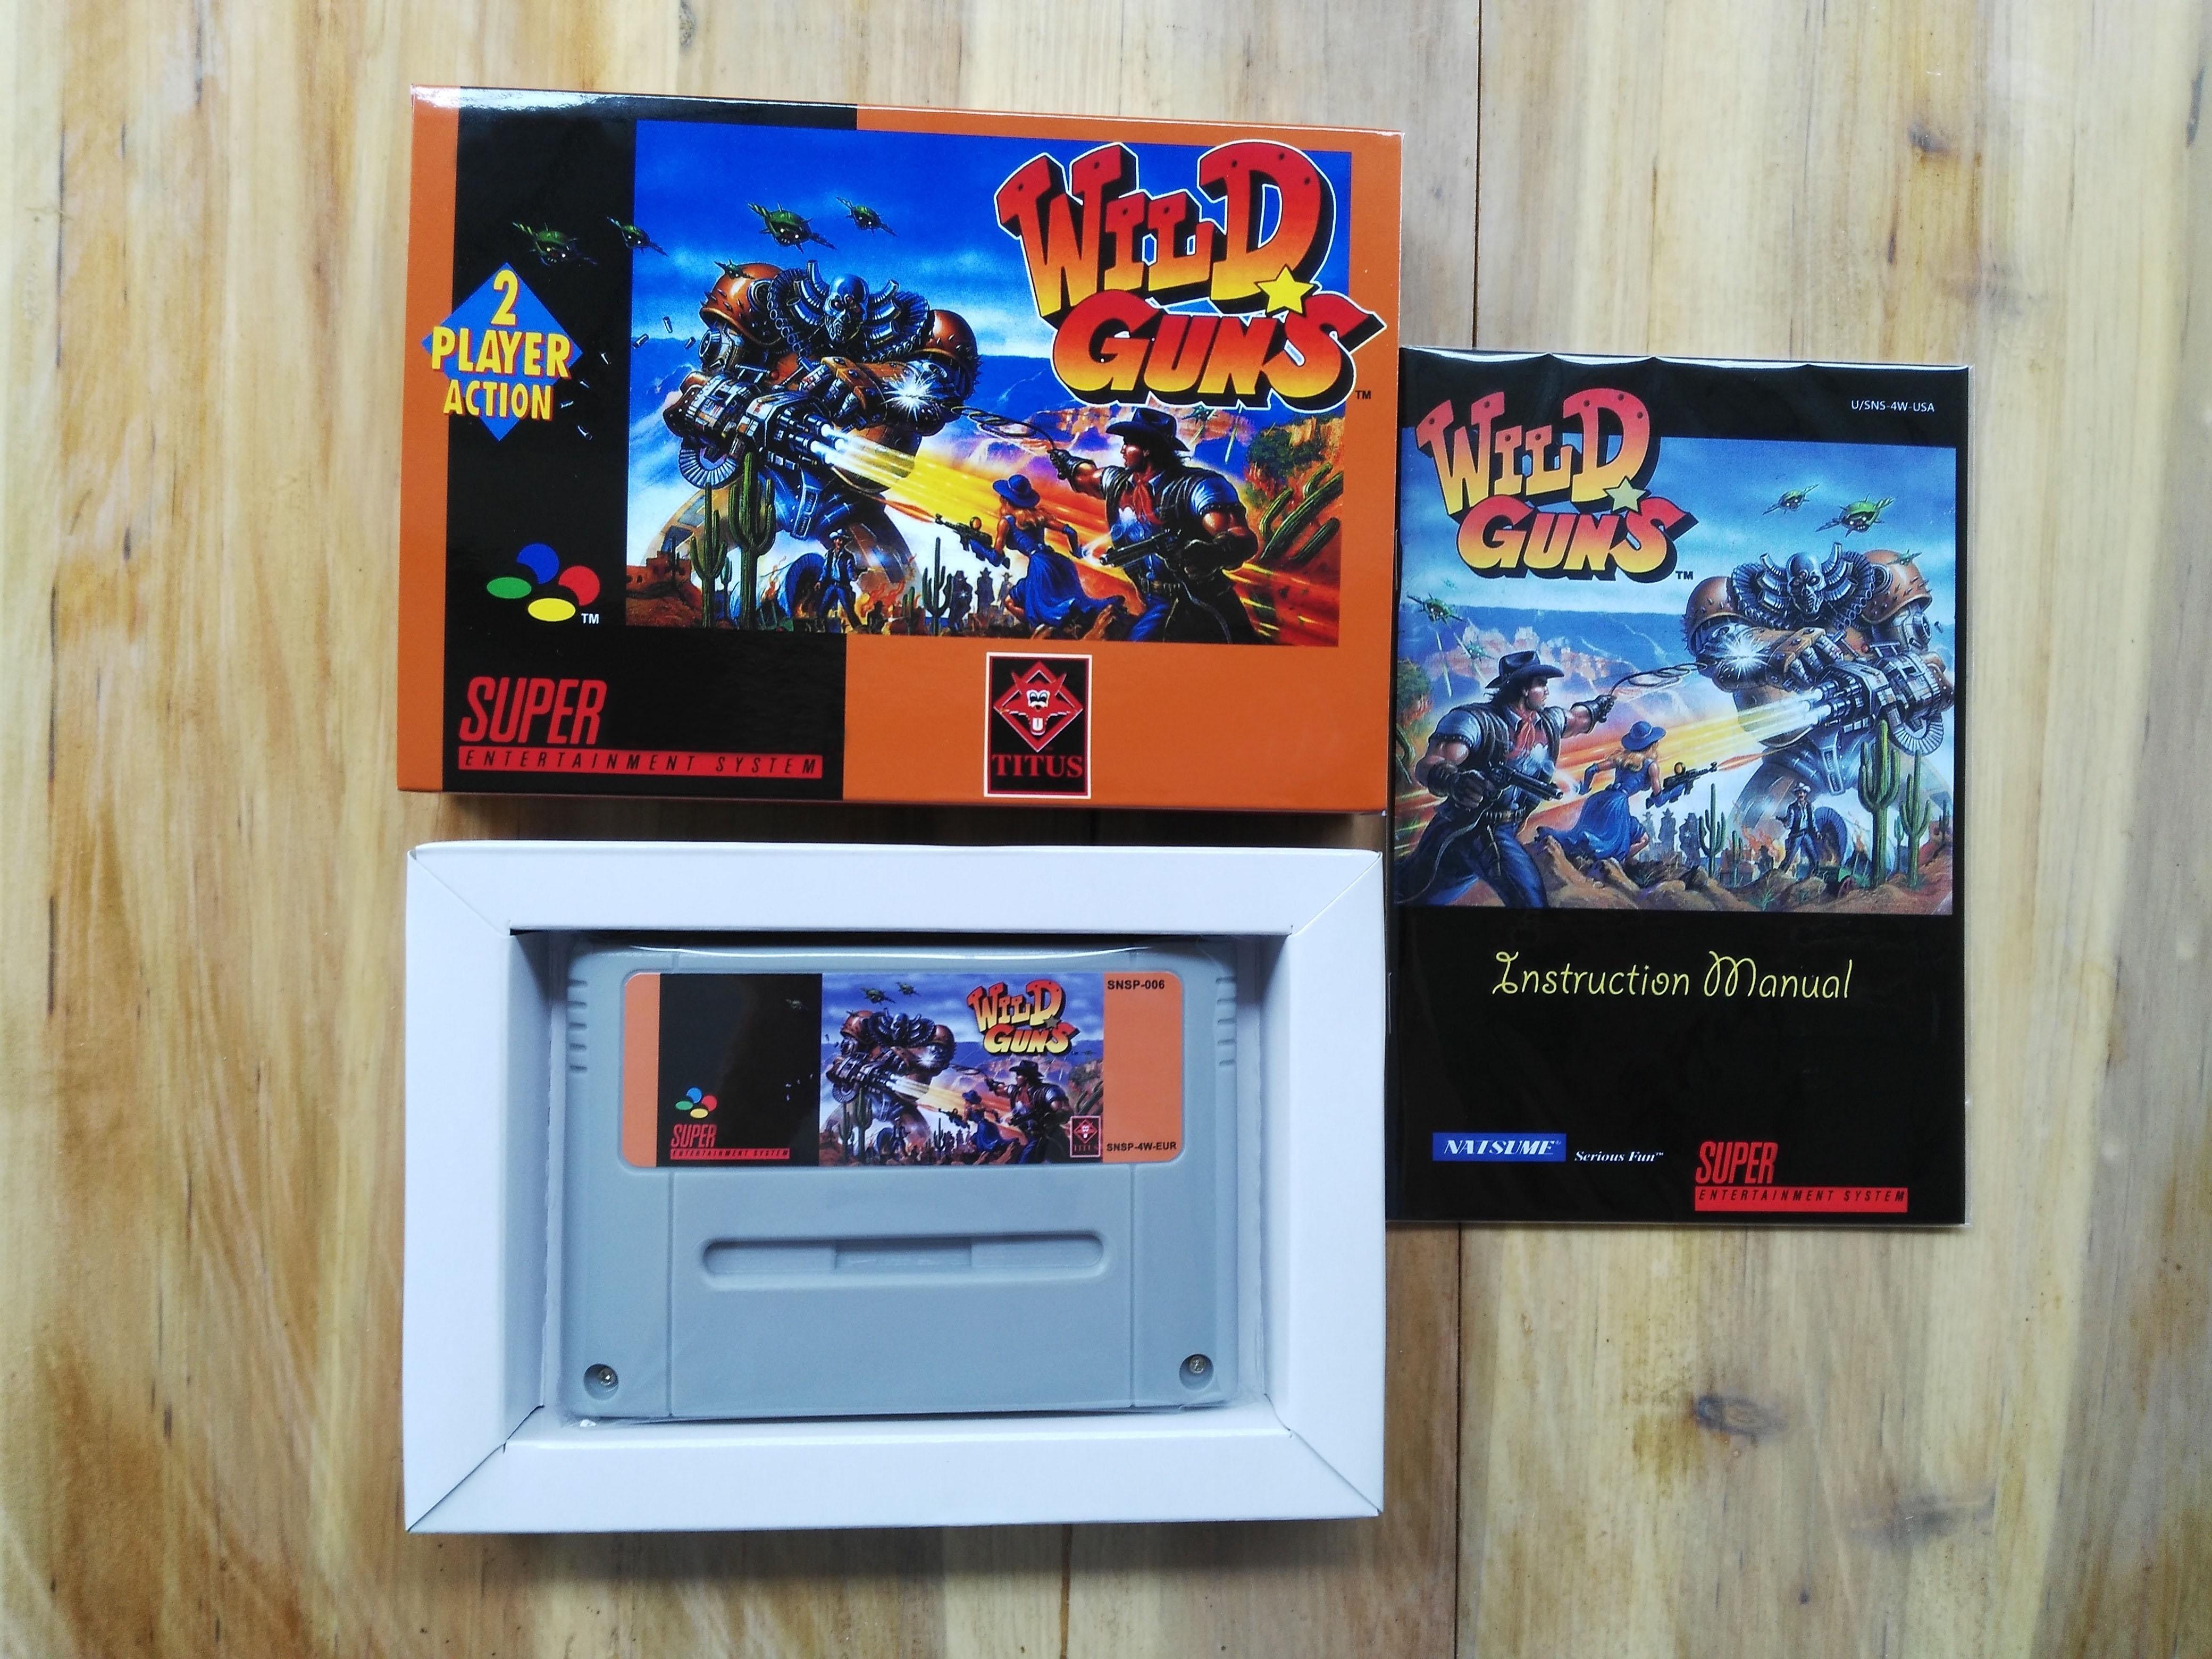 16Bit Games Wild Guns PAL Version Box Manual Cartridge